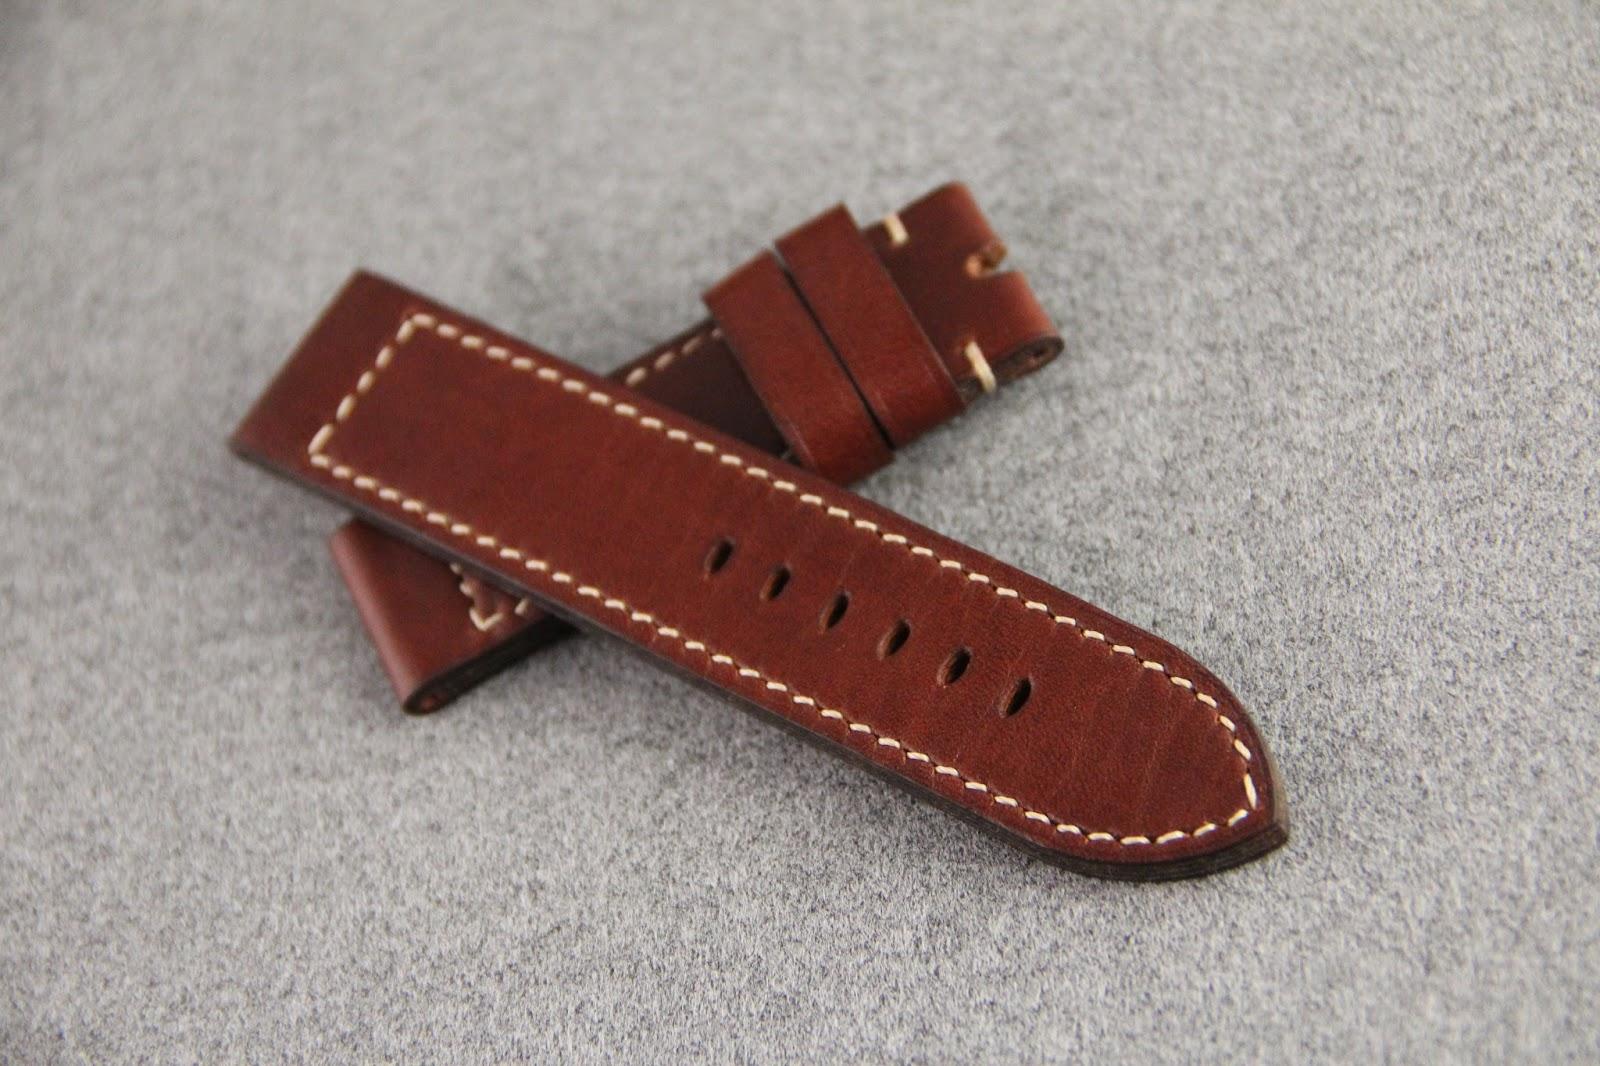 Кожаные ремешки для часов своими руками фото